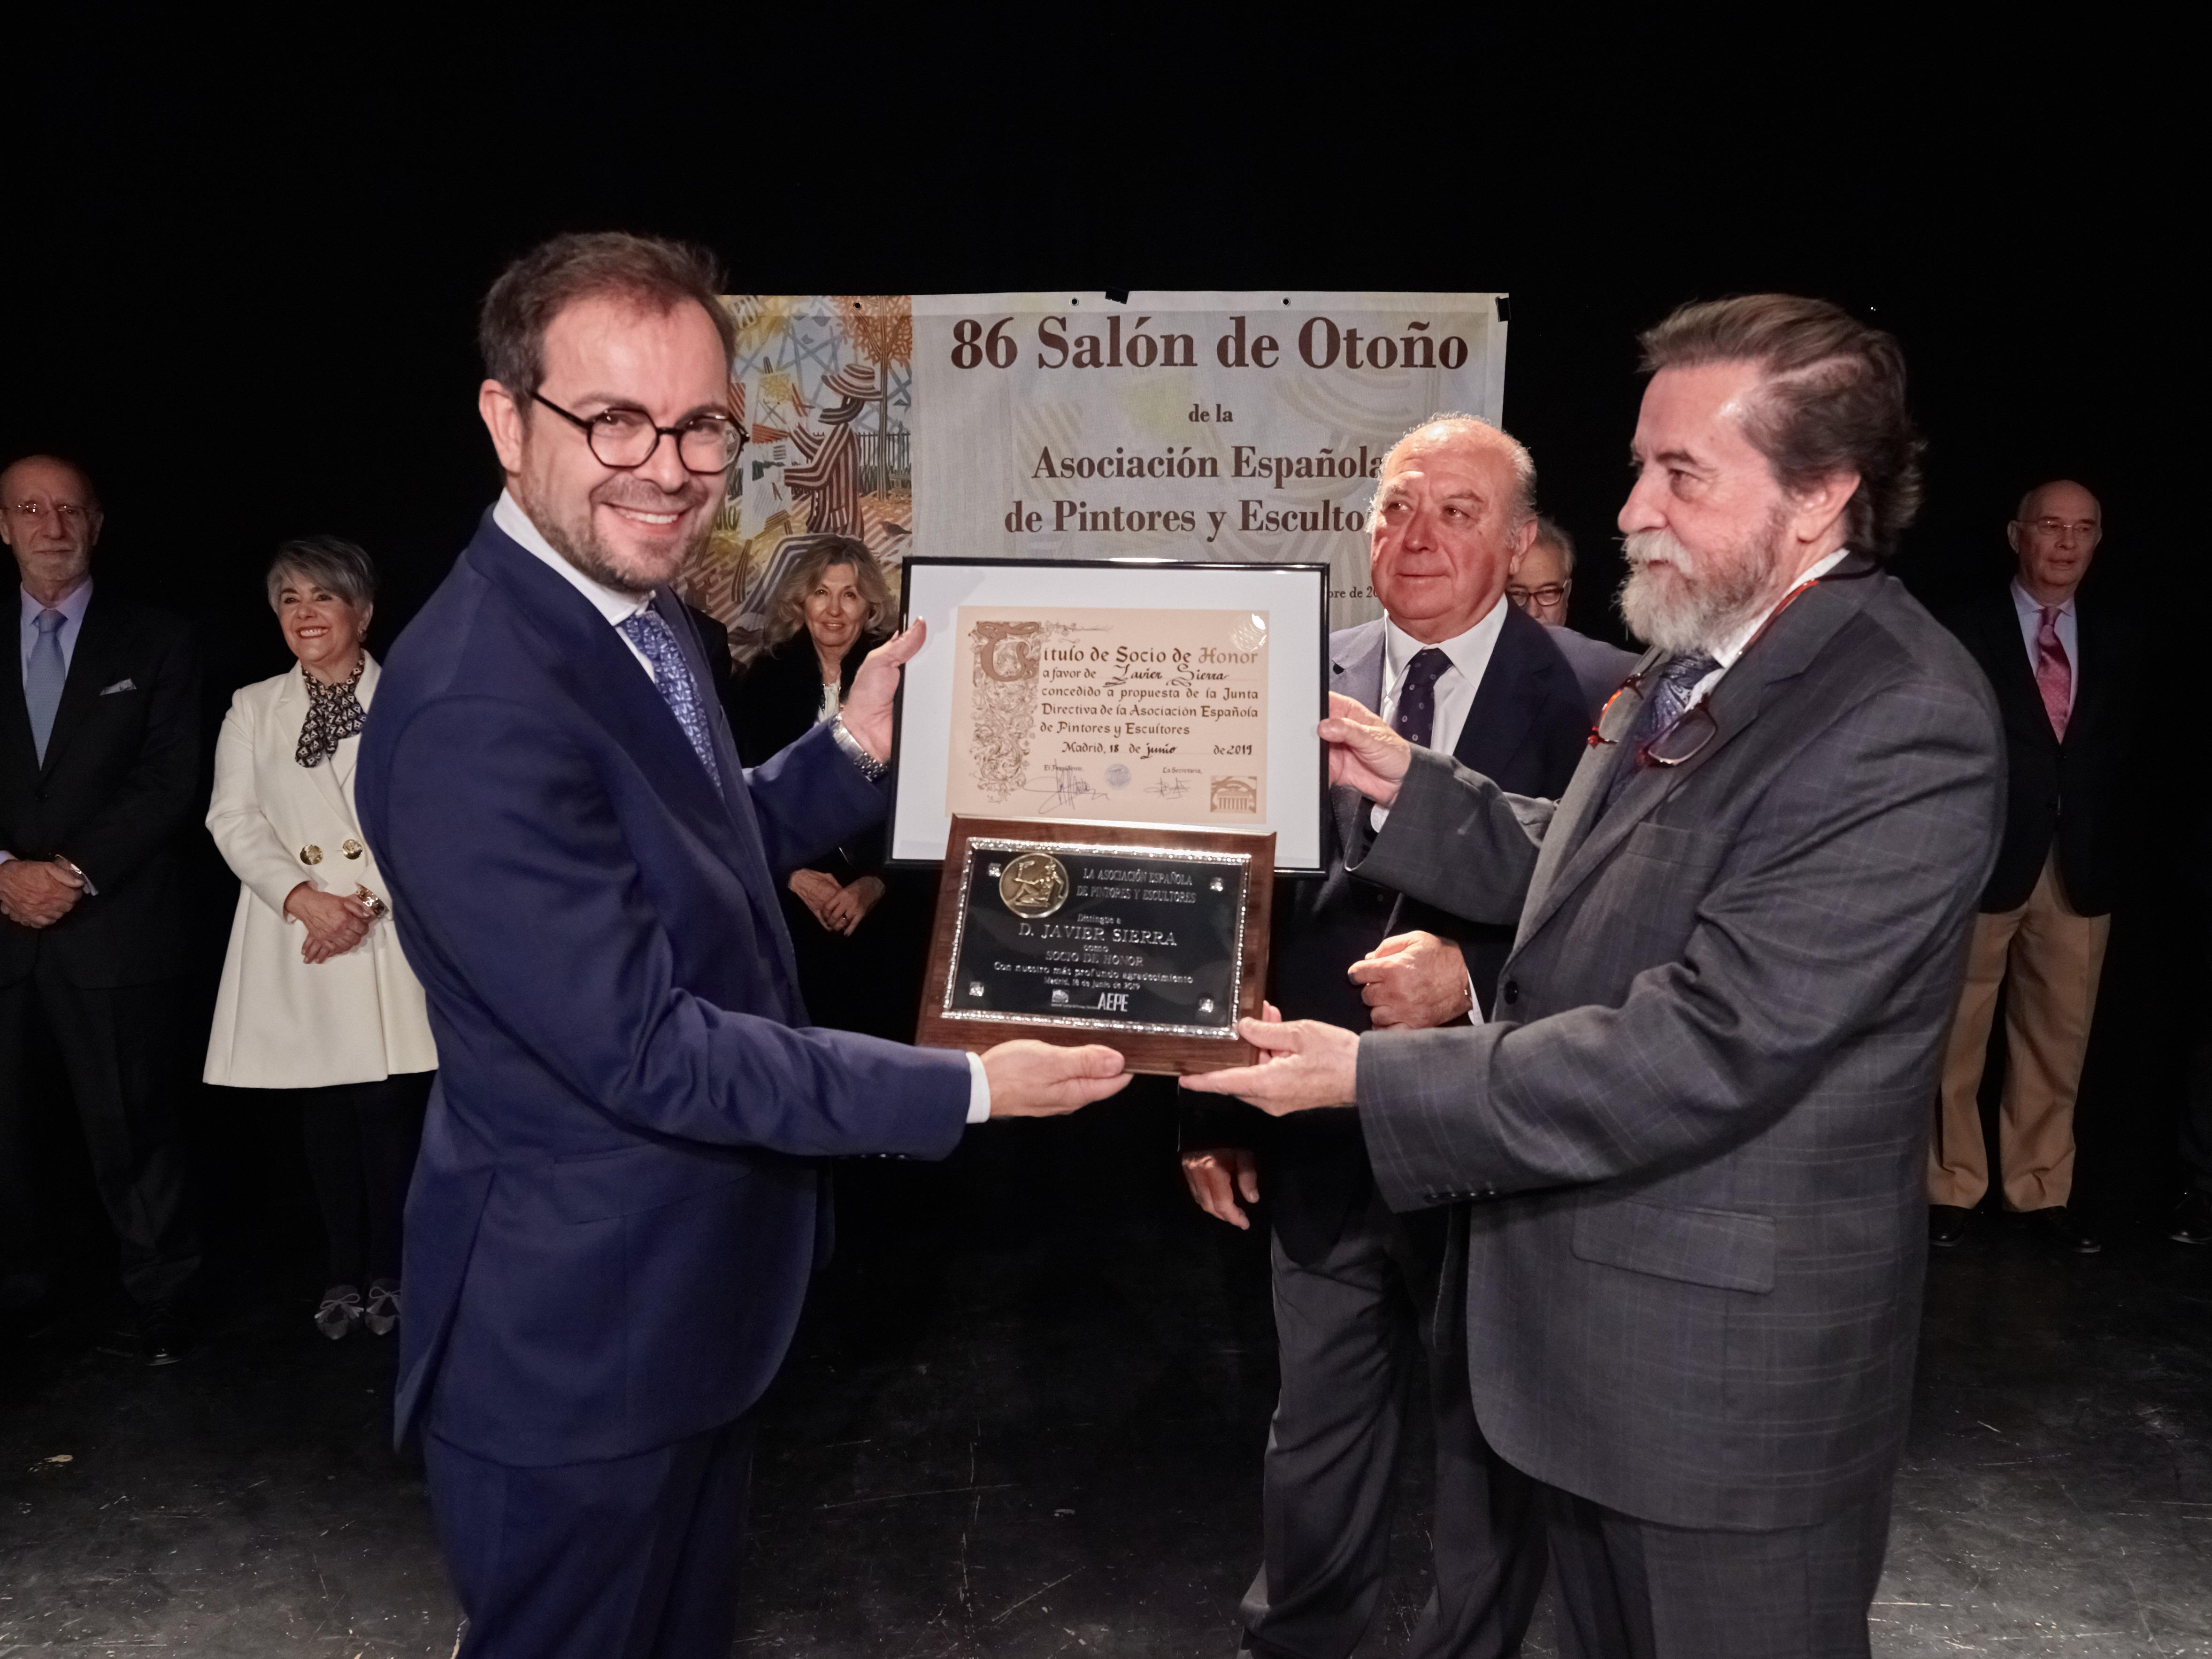 Javier Sierra recibe el premio de Socio de Honor de la Asociación Española de Pintores y Escultores